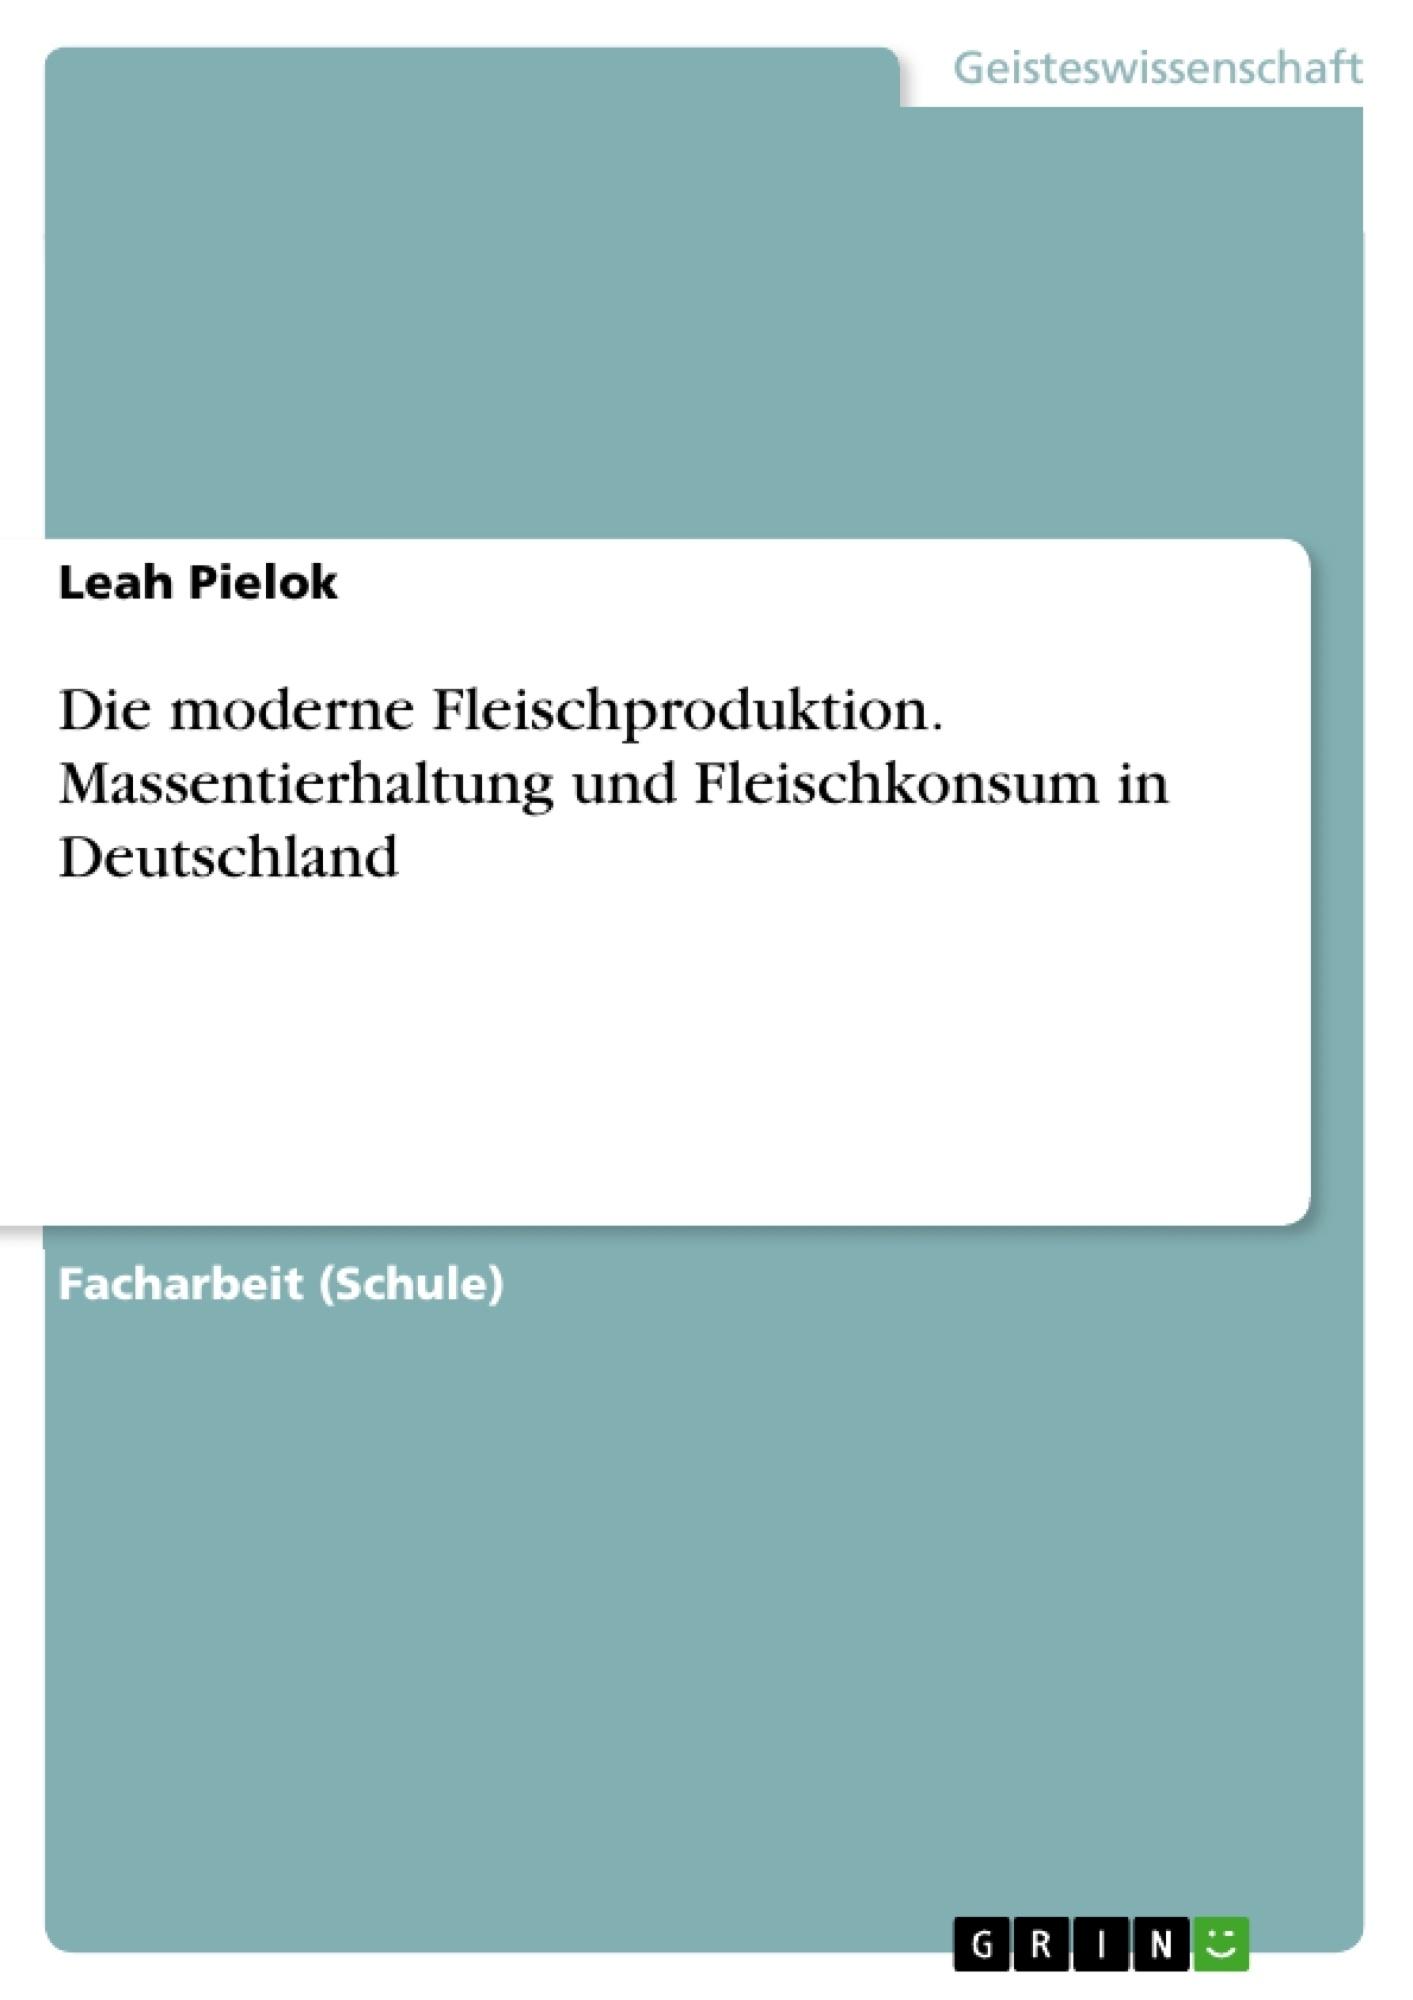 Titel: Die moderne Fleischproduktion. Massentierhaltung und Fleischkonsum in Deutschland